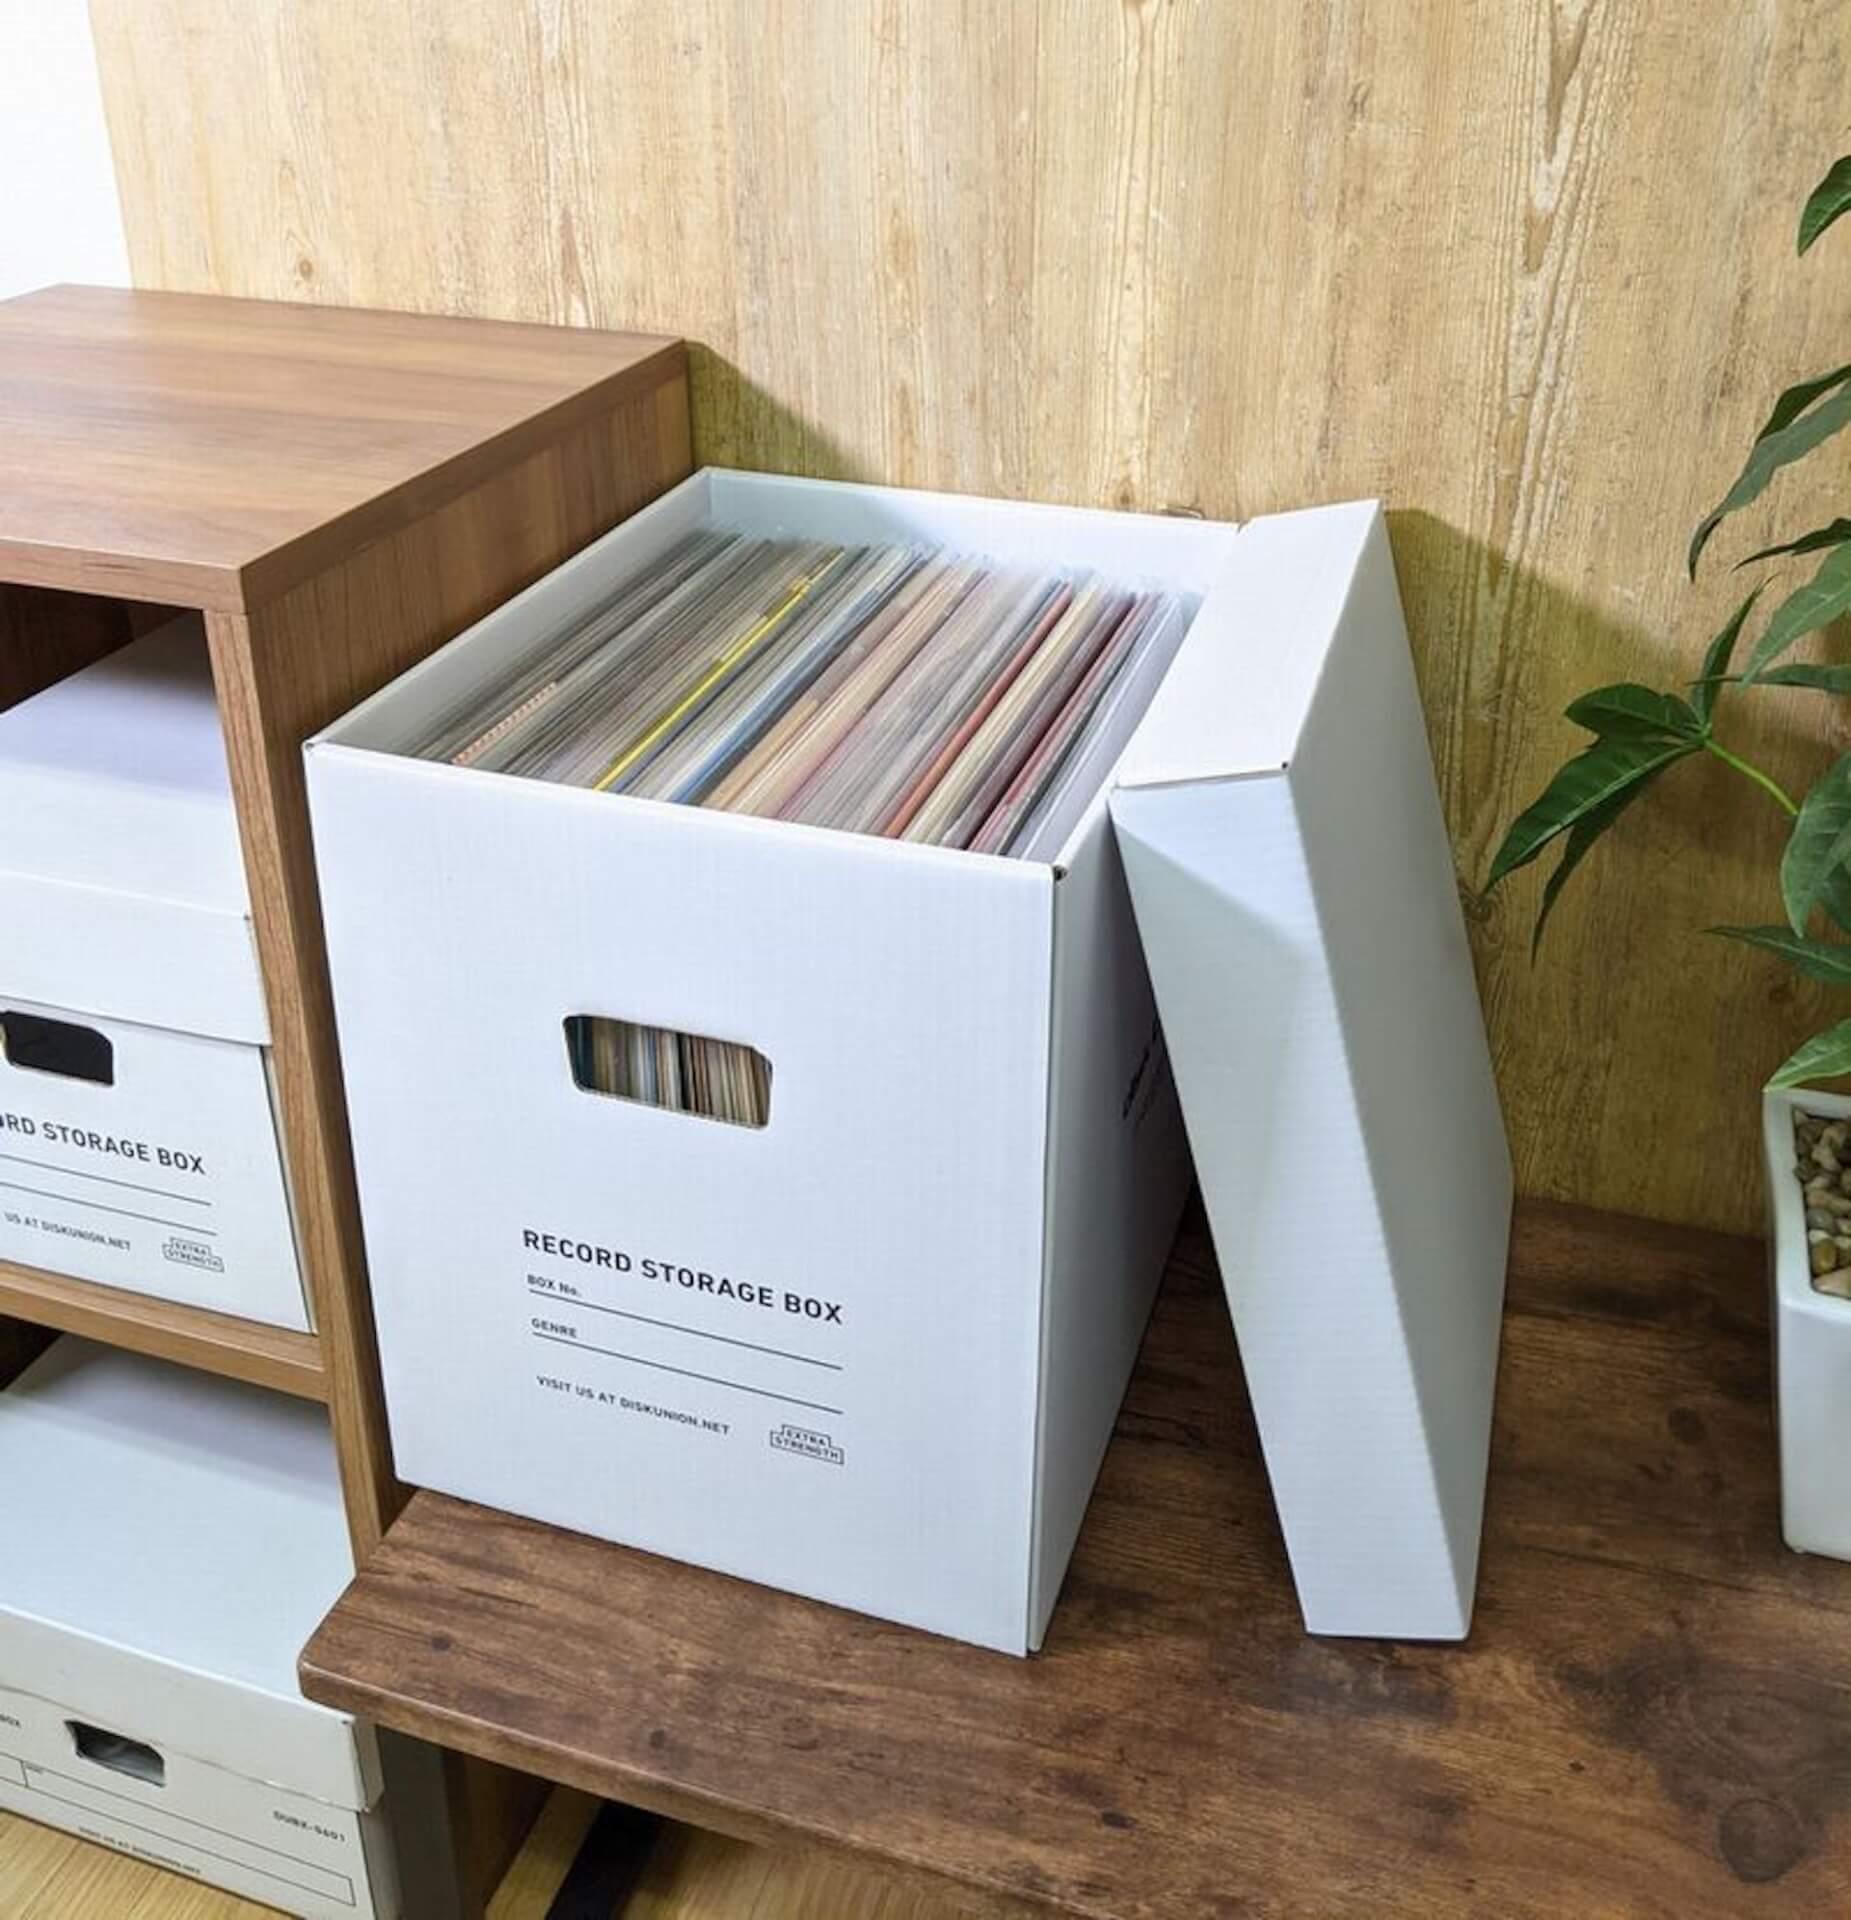 CD・レコードの収納用品に特化したディスクユニオン収納ストアが新宿にオープン!一部商品の情報も解禁 culture210624_diskunion11